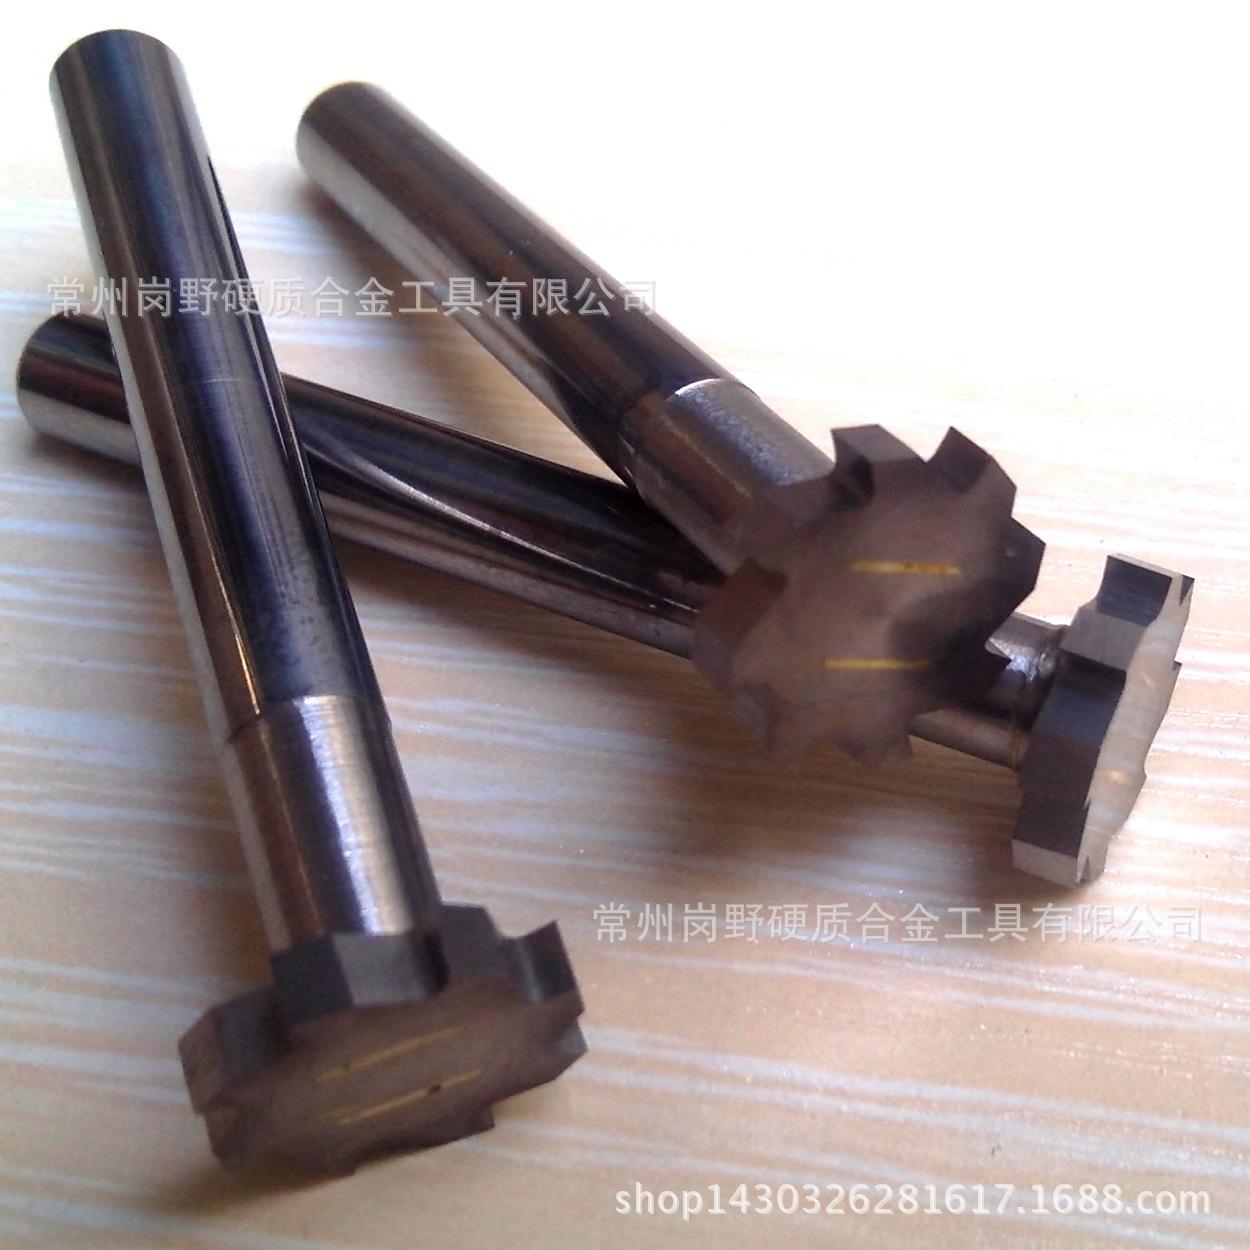 厂家供应硬质合金T型槽铣刀 整体钨钢V型焊接T型槽铣刀合金